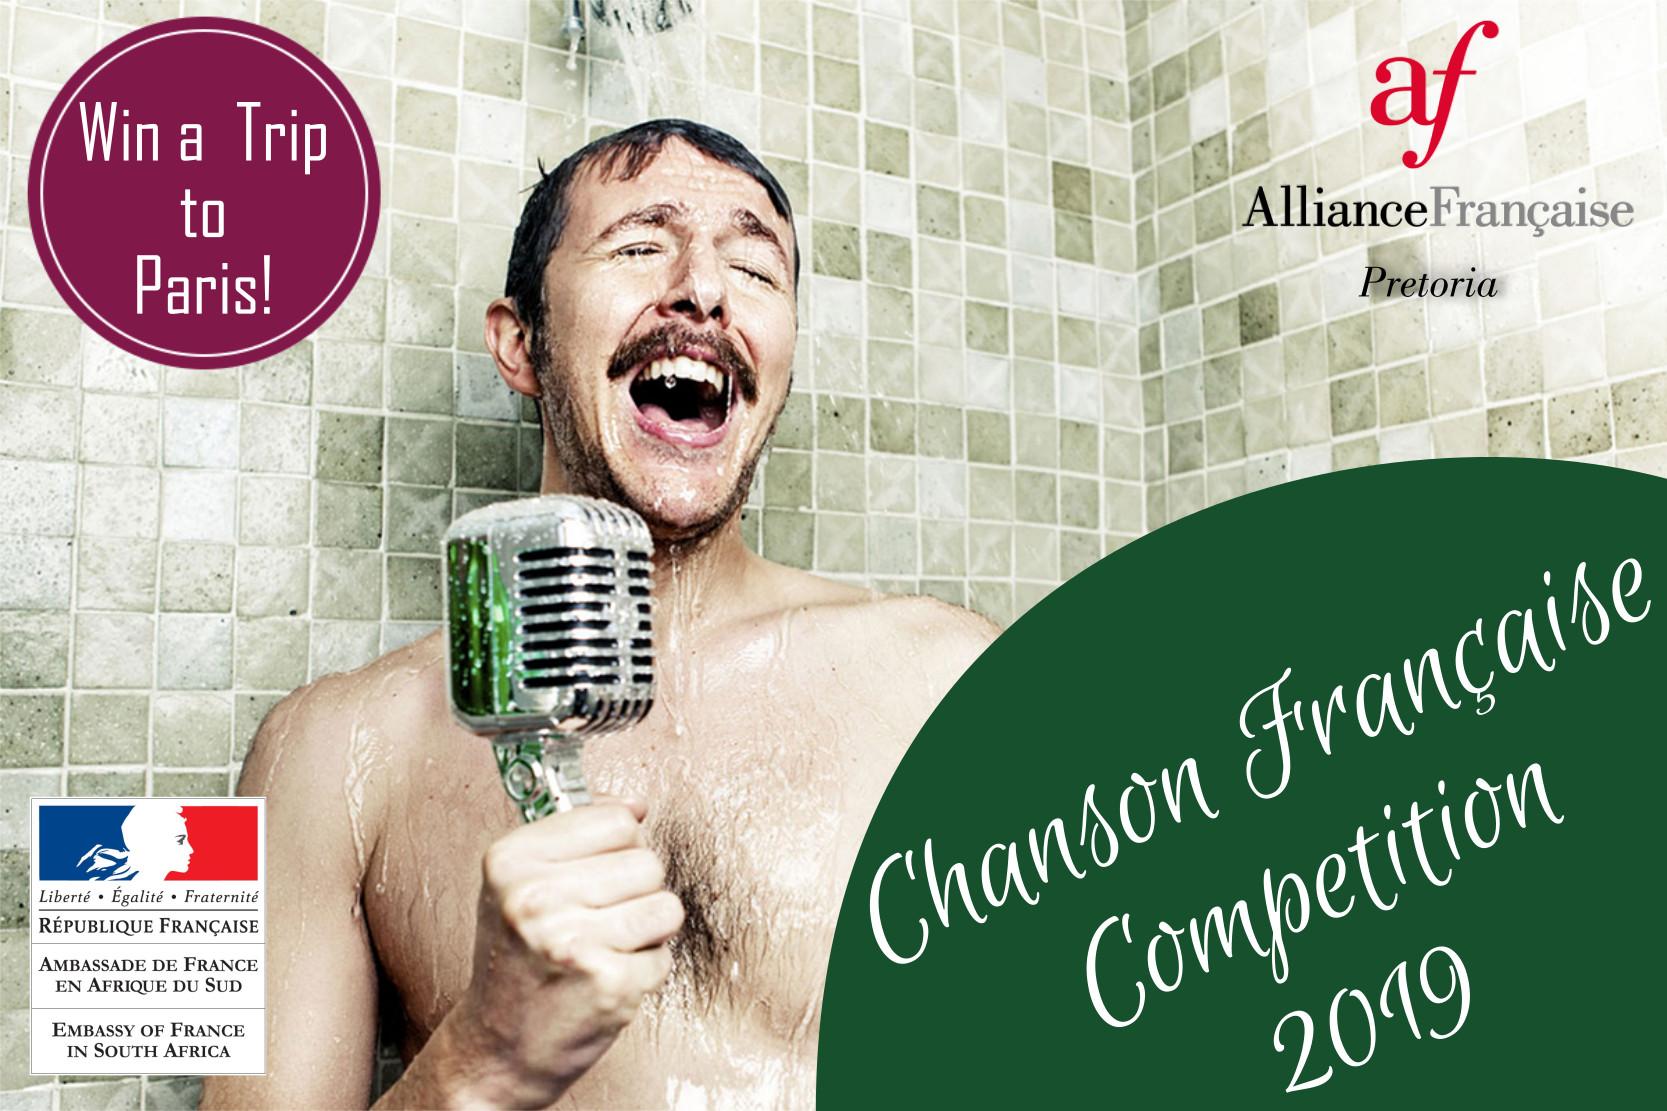 Chansons Française Competition 2019